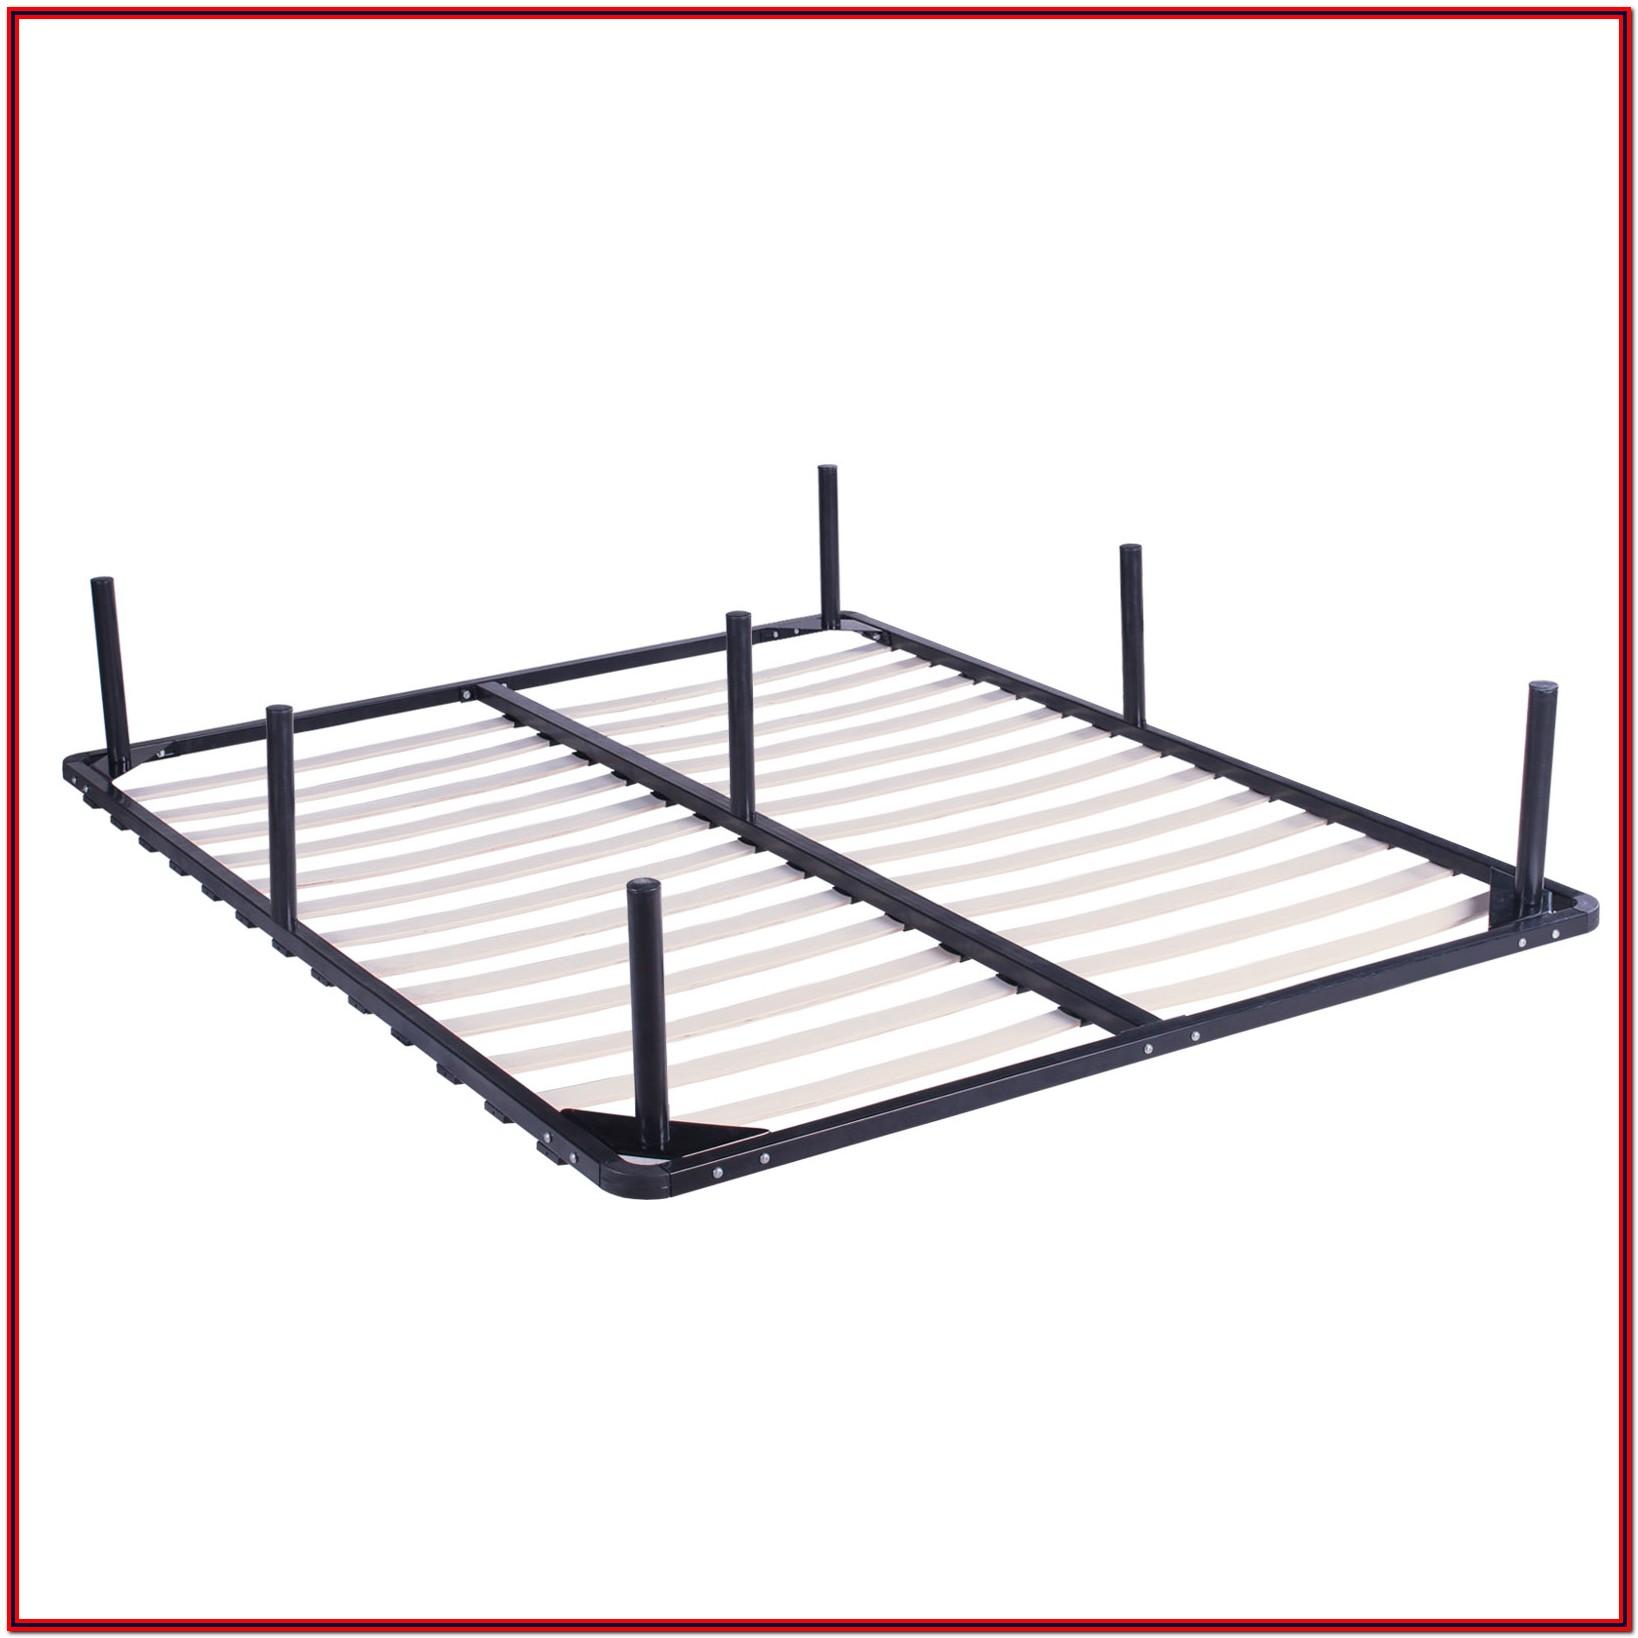 Metal Platform Bed Frame King Size